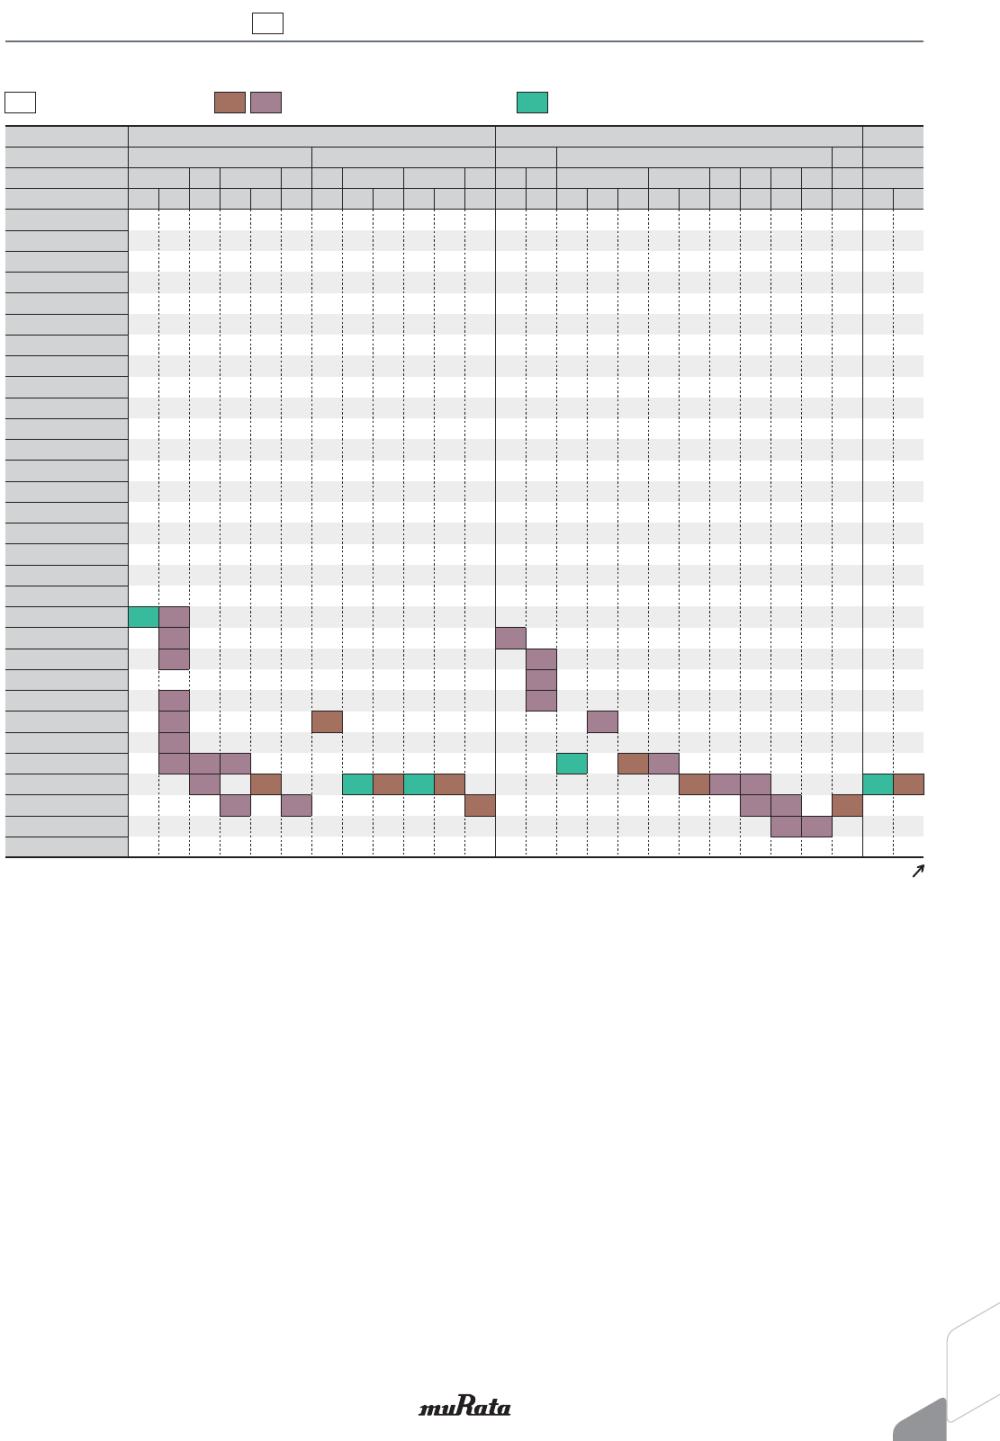 medium resolution of l w mm